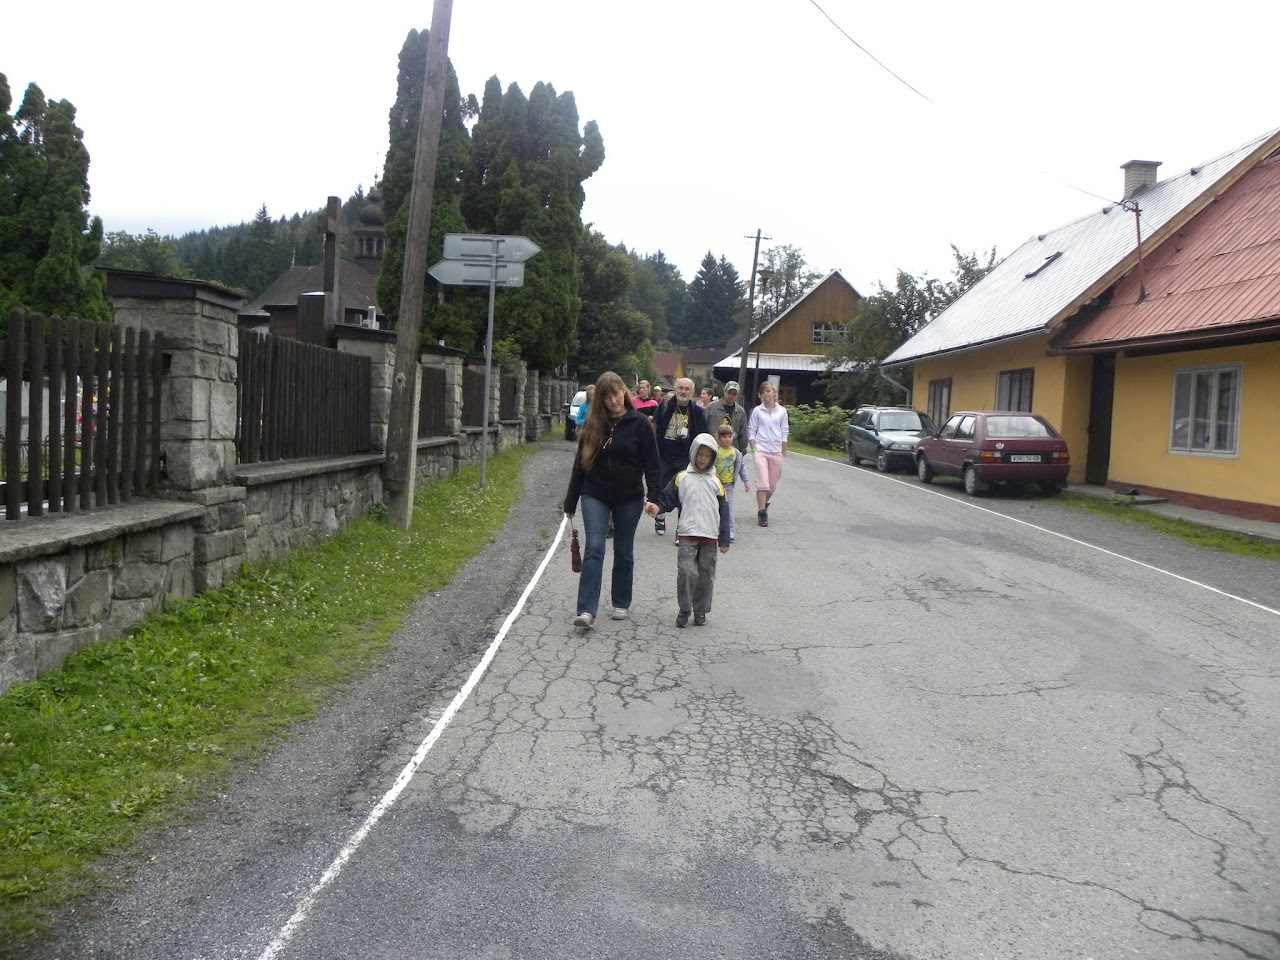 Tábor - Veľké Karlovice - fotka 513.JPG